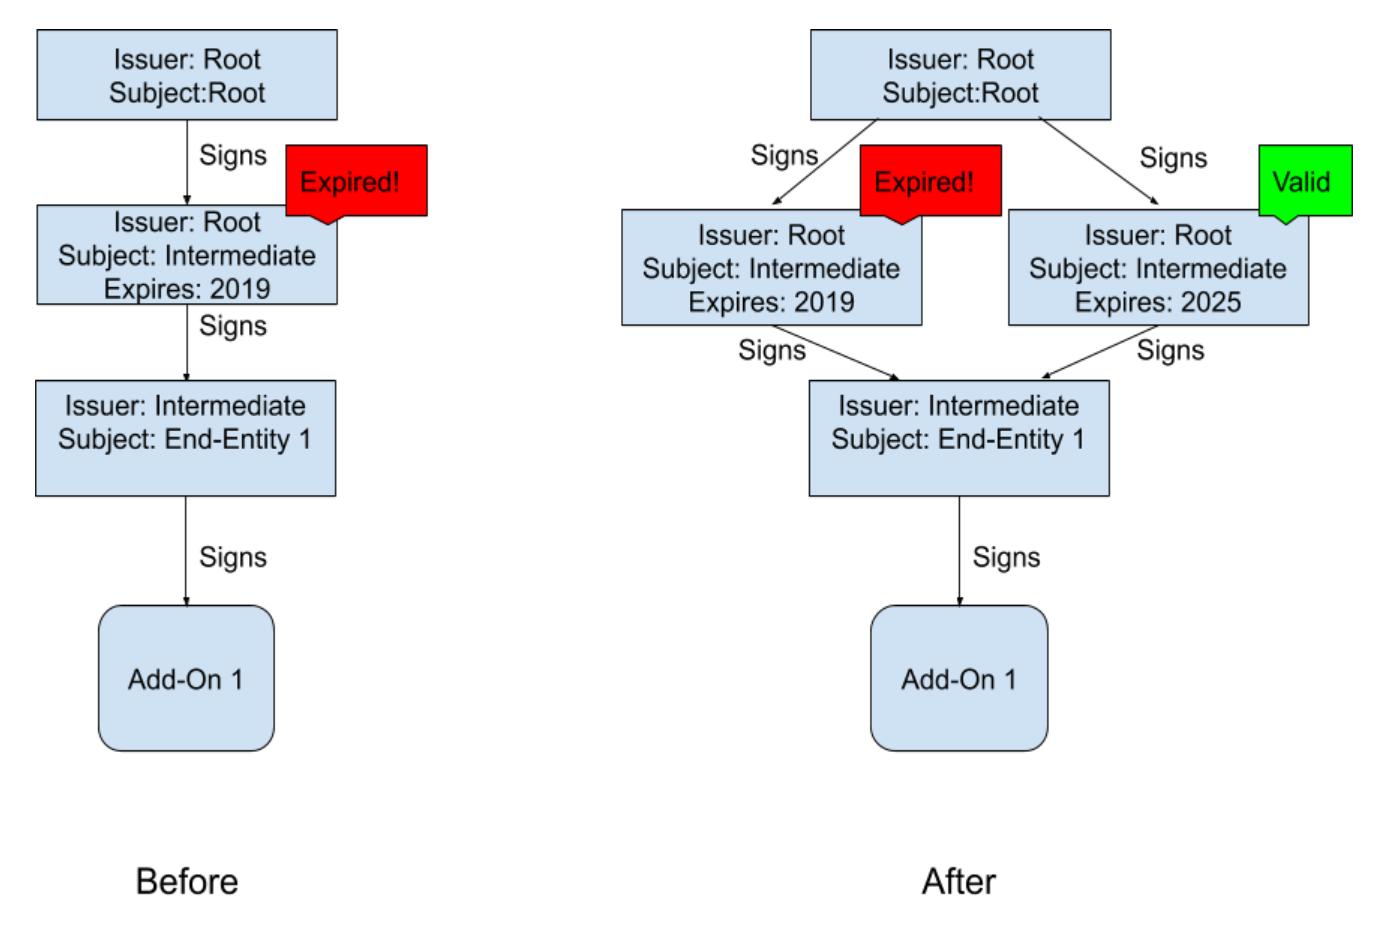 Технические детали недавнего сбоя расширений Firefox - 2